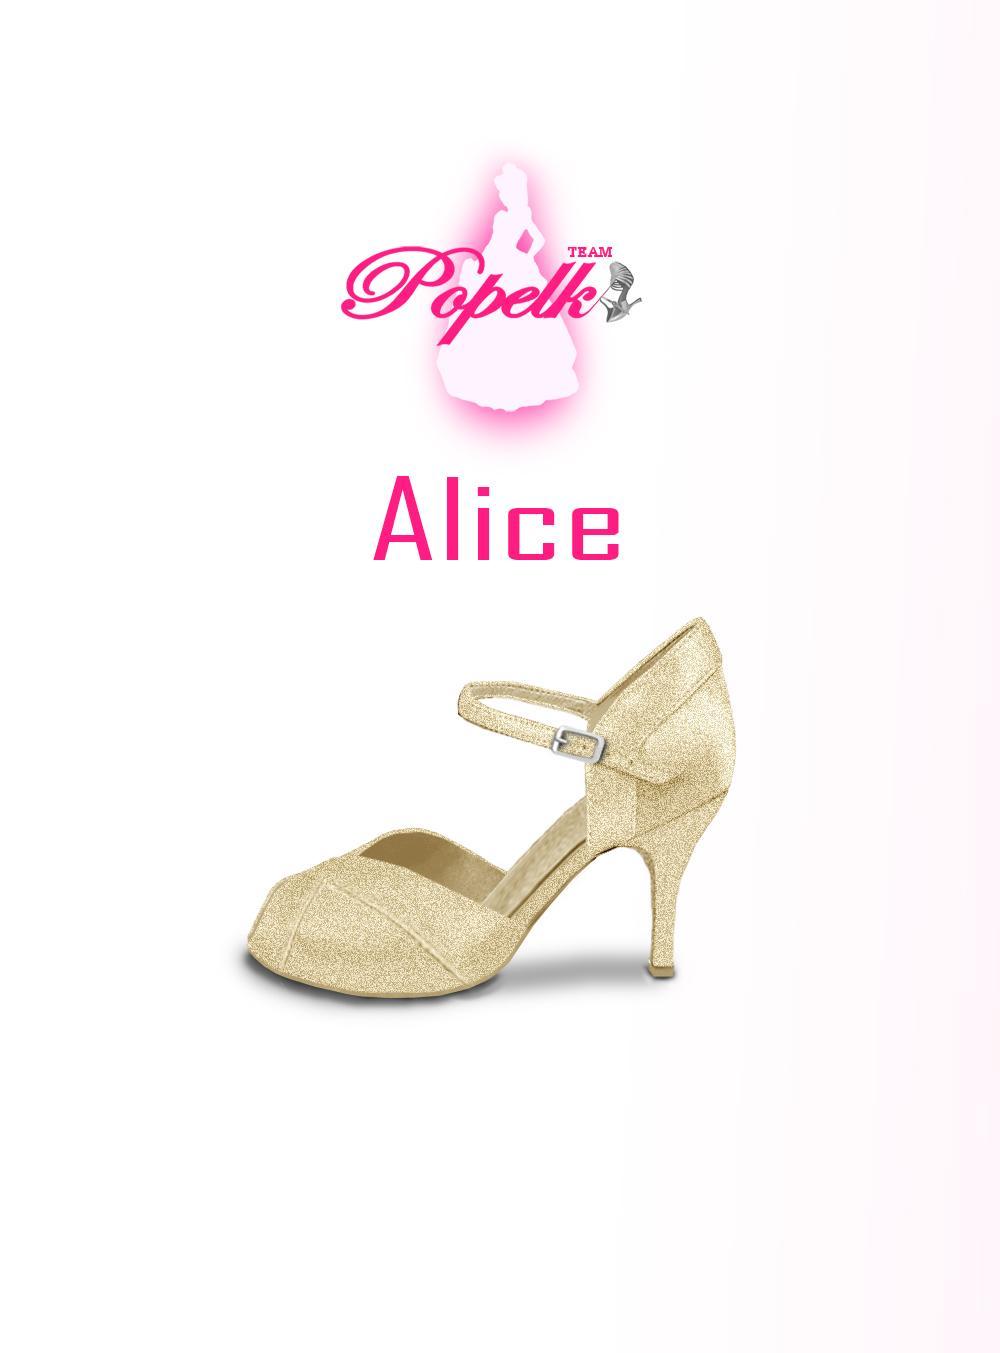 Svadobné topánky navrhni a uprav si ich podľa seba - inšpirácie zlatá - Obrázok č. 67